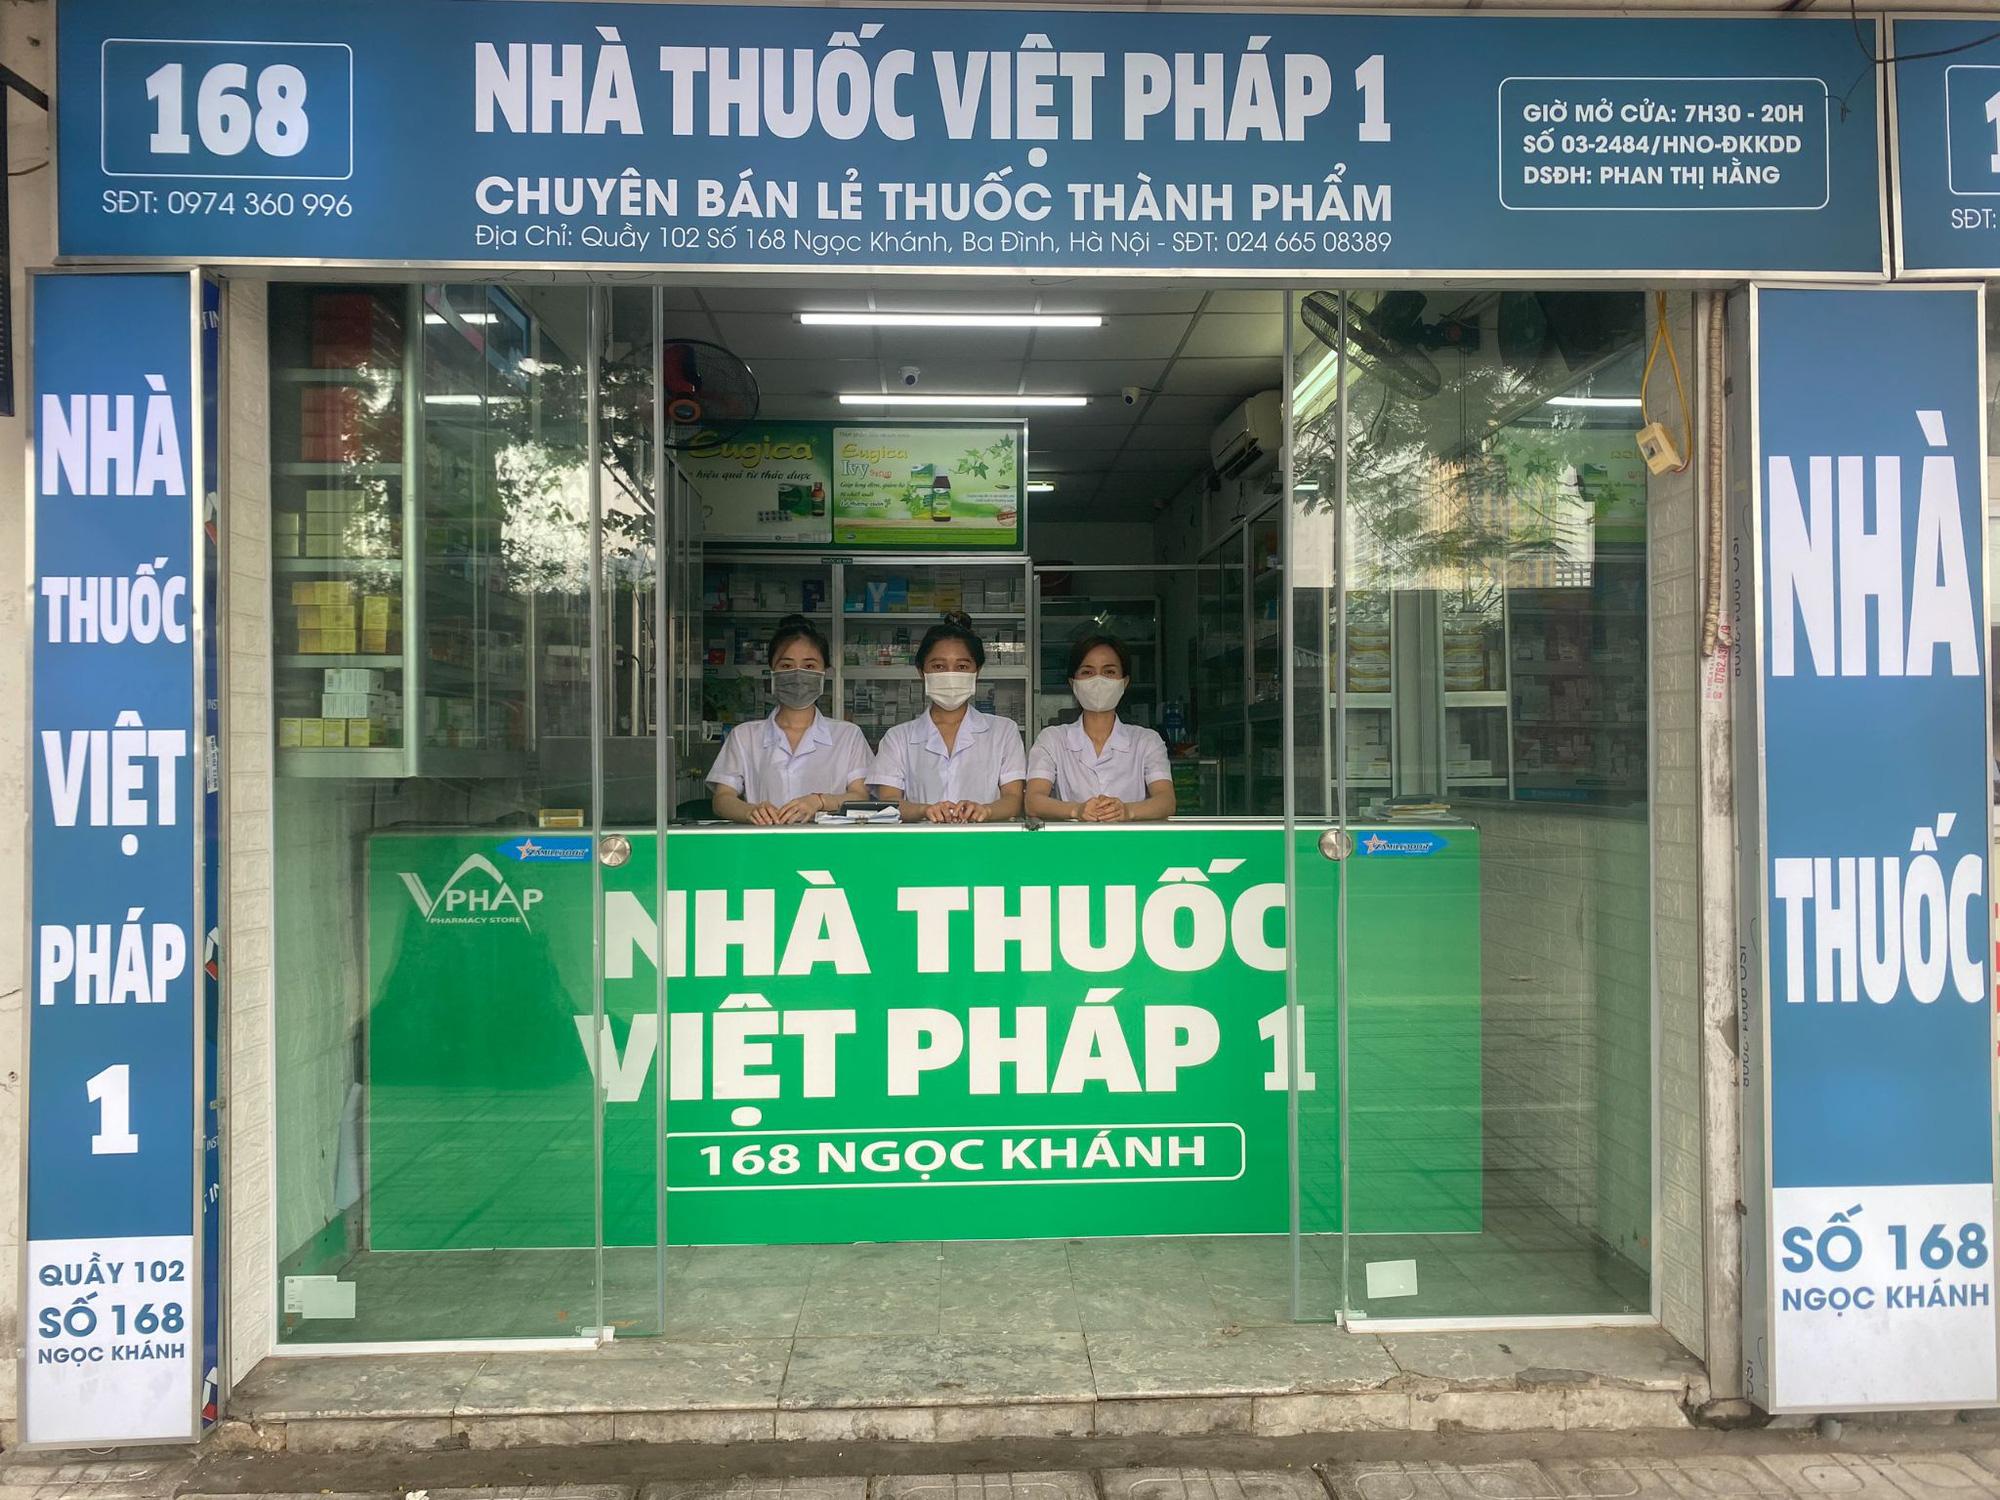 Nhà thuốc Việt Pháp 1 - Tủ thuốc gia đình của mọi nhà - Ảnh 2.